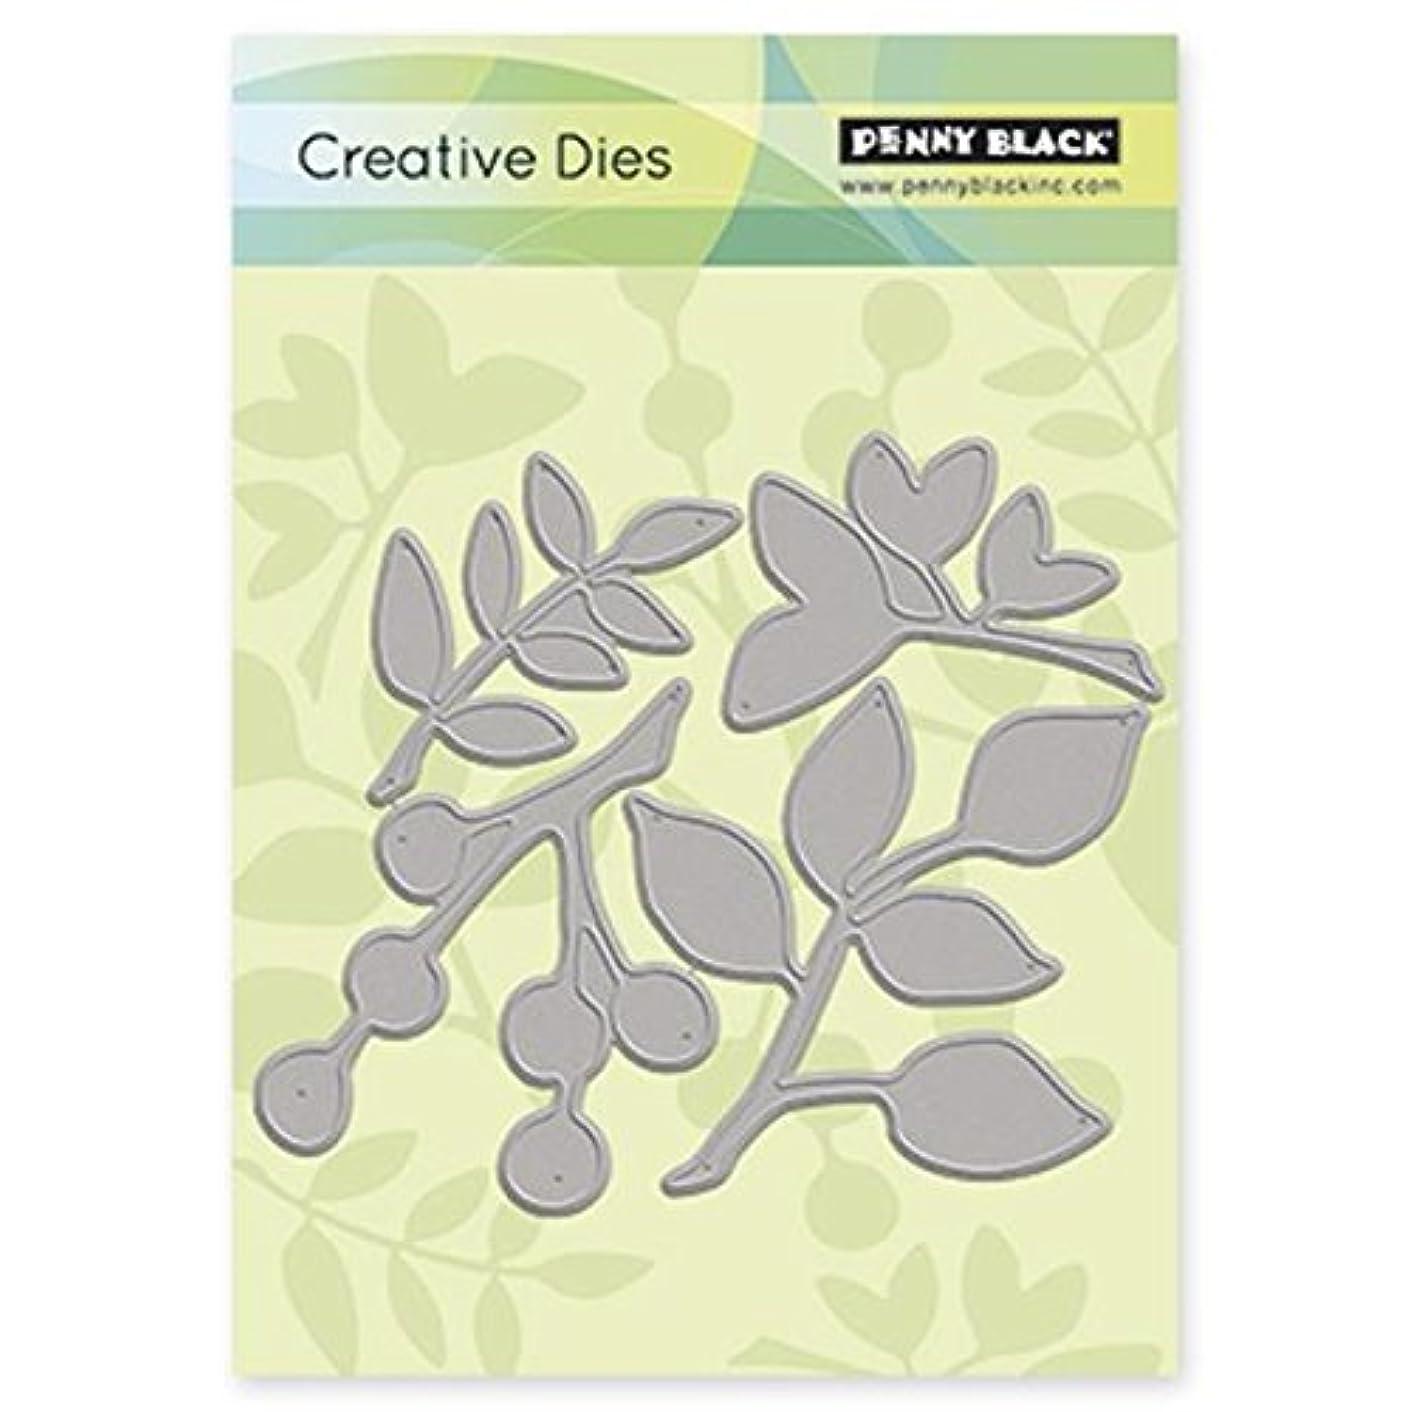 Penny Black Leaves Decorative Dies